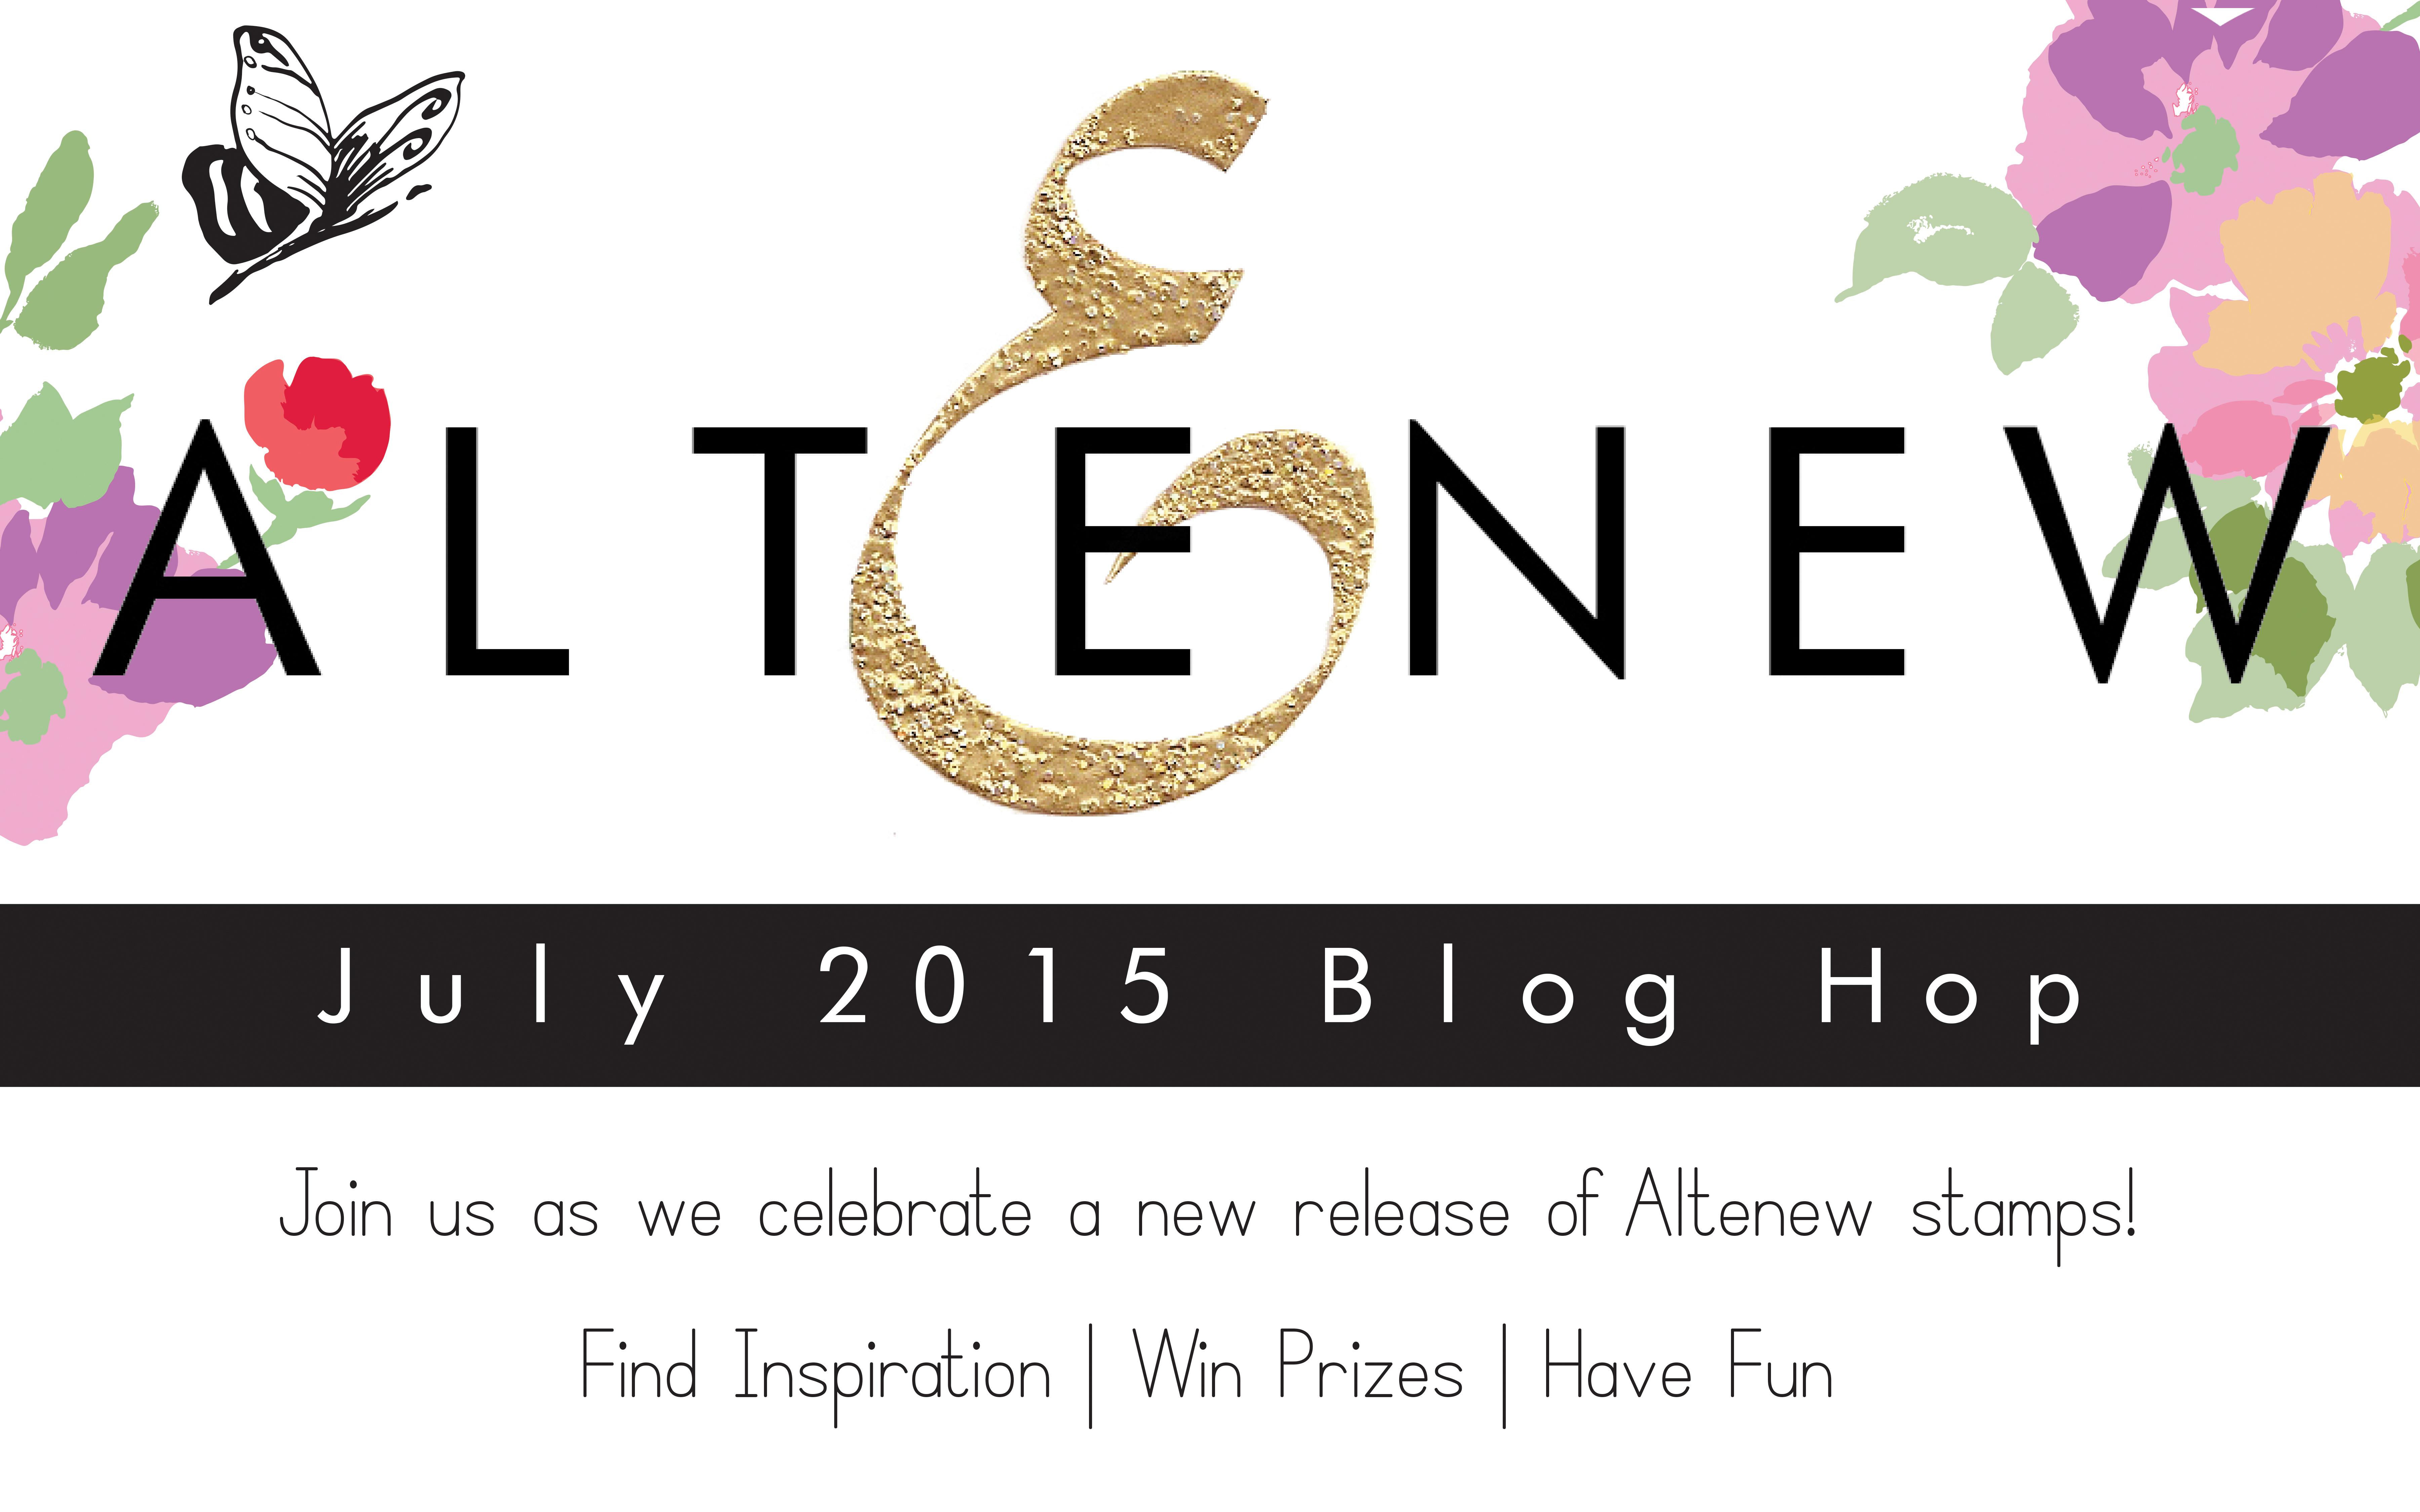 blog hop banner July 15 2015 July